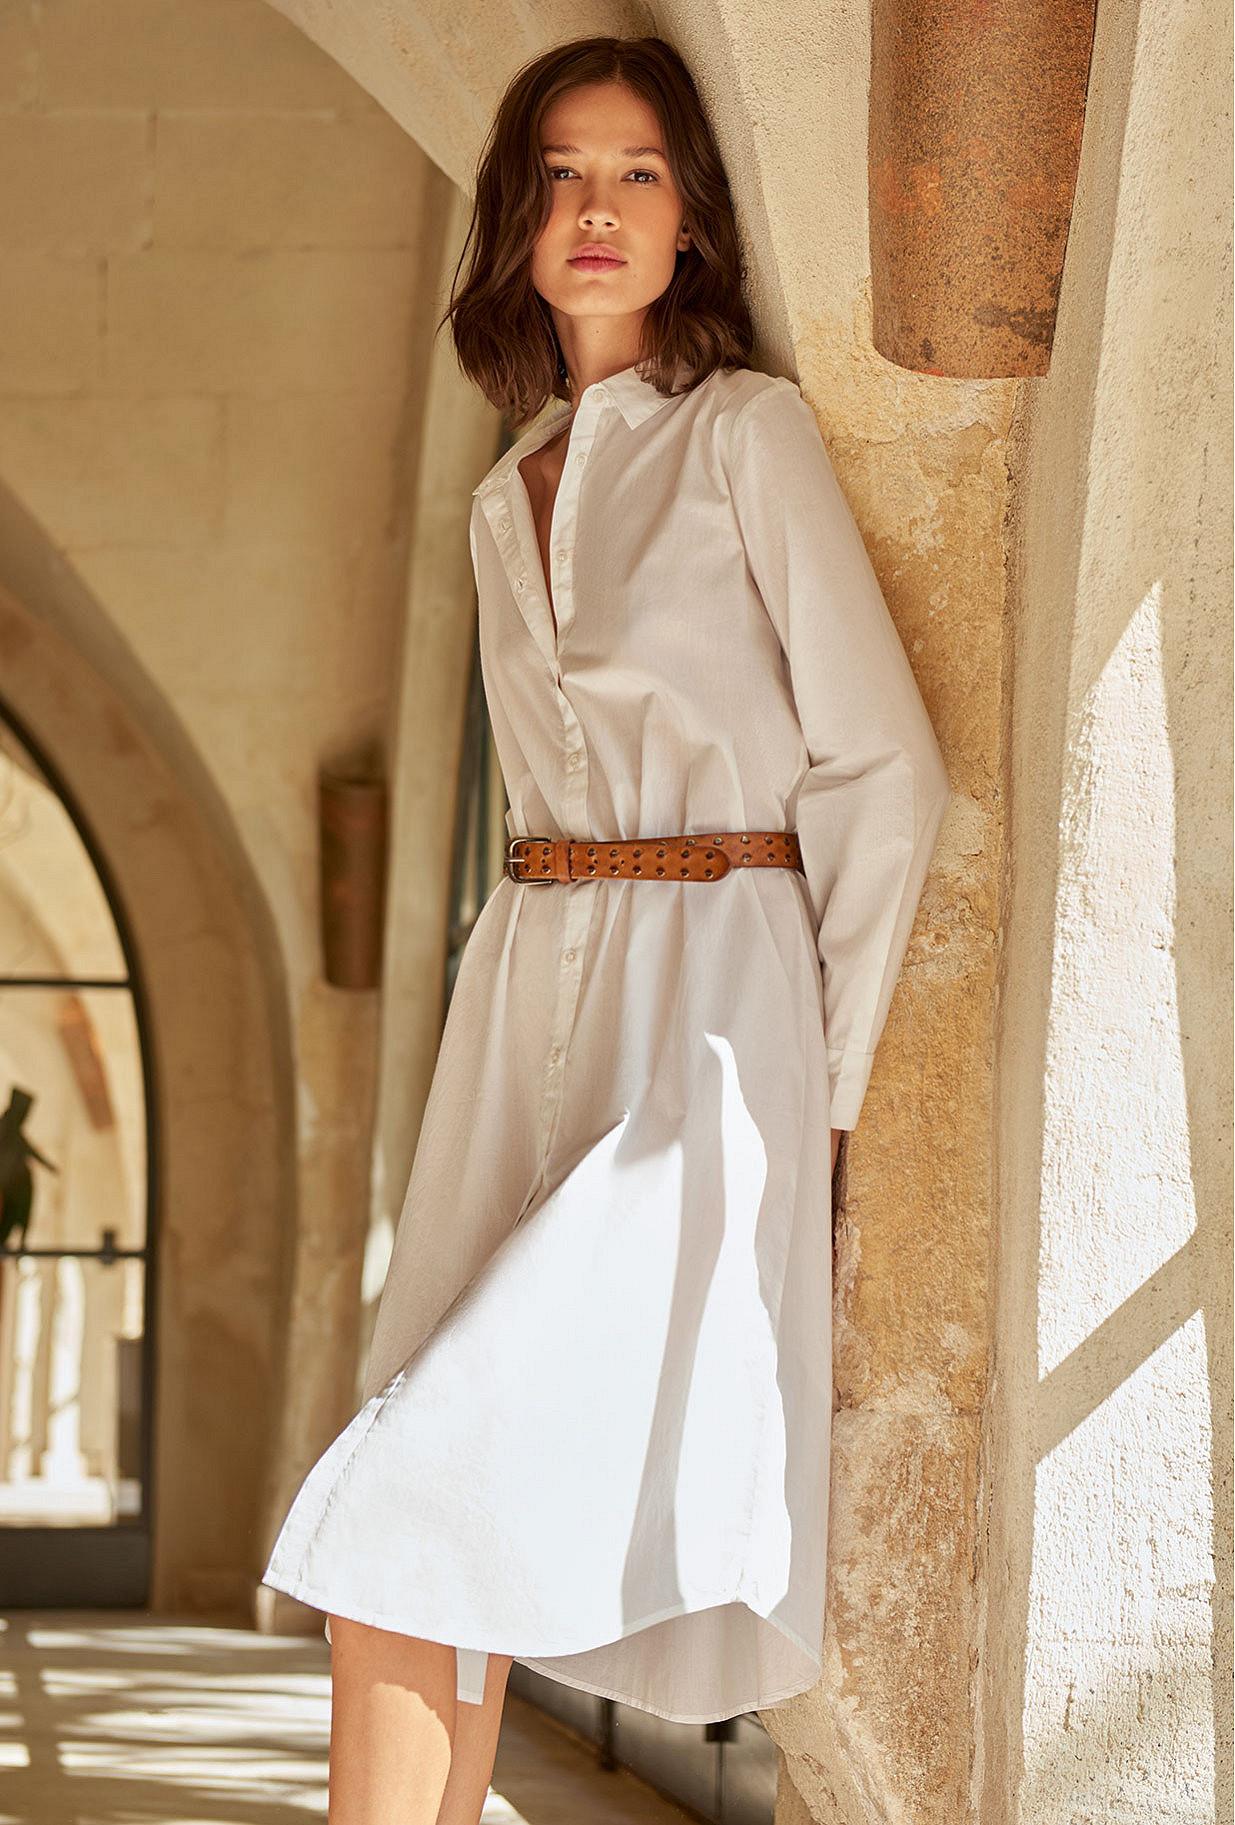 Ceinture Camel  Rotko mes demoiselles paris vêtement femme paris